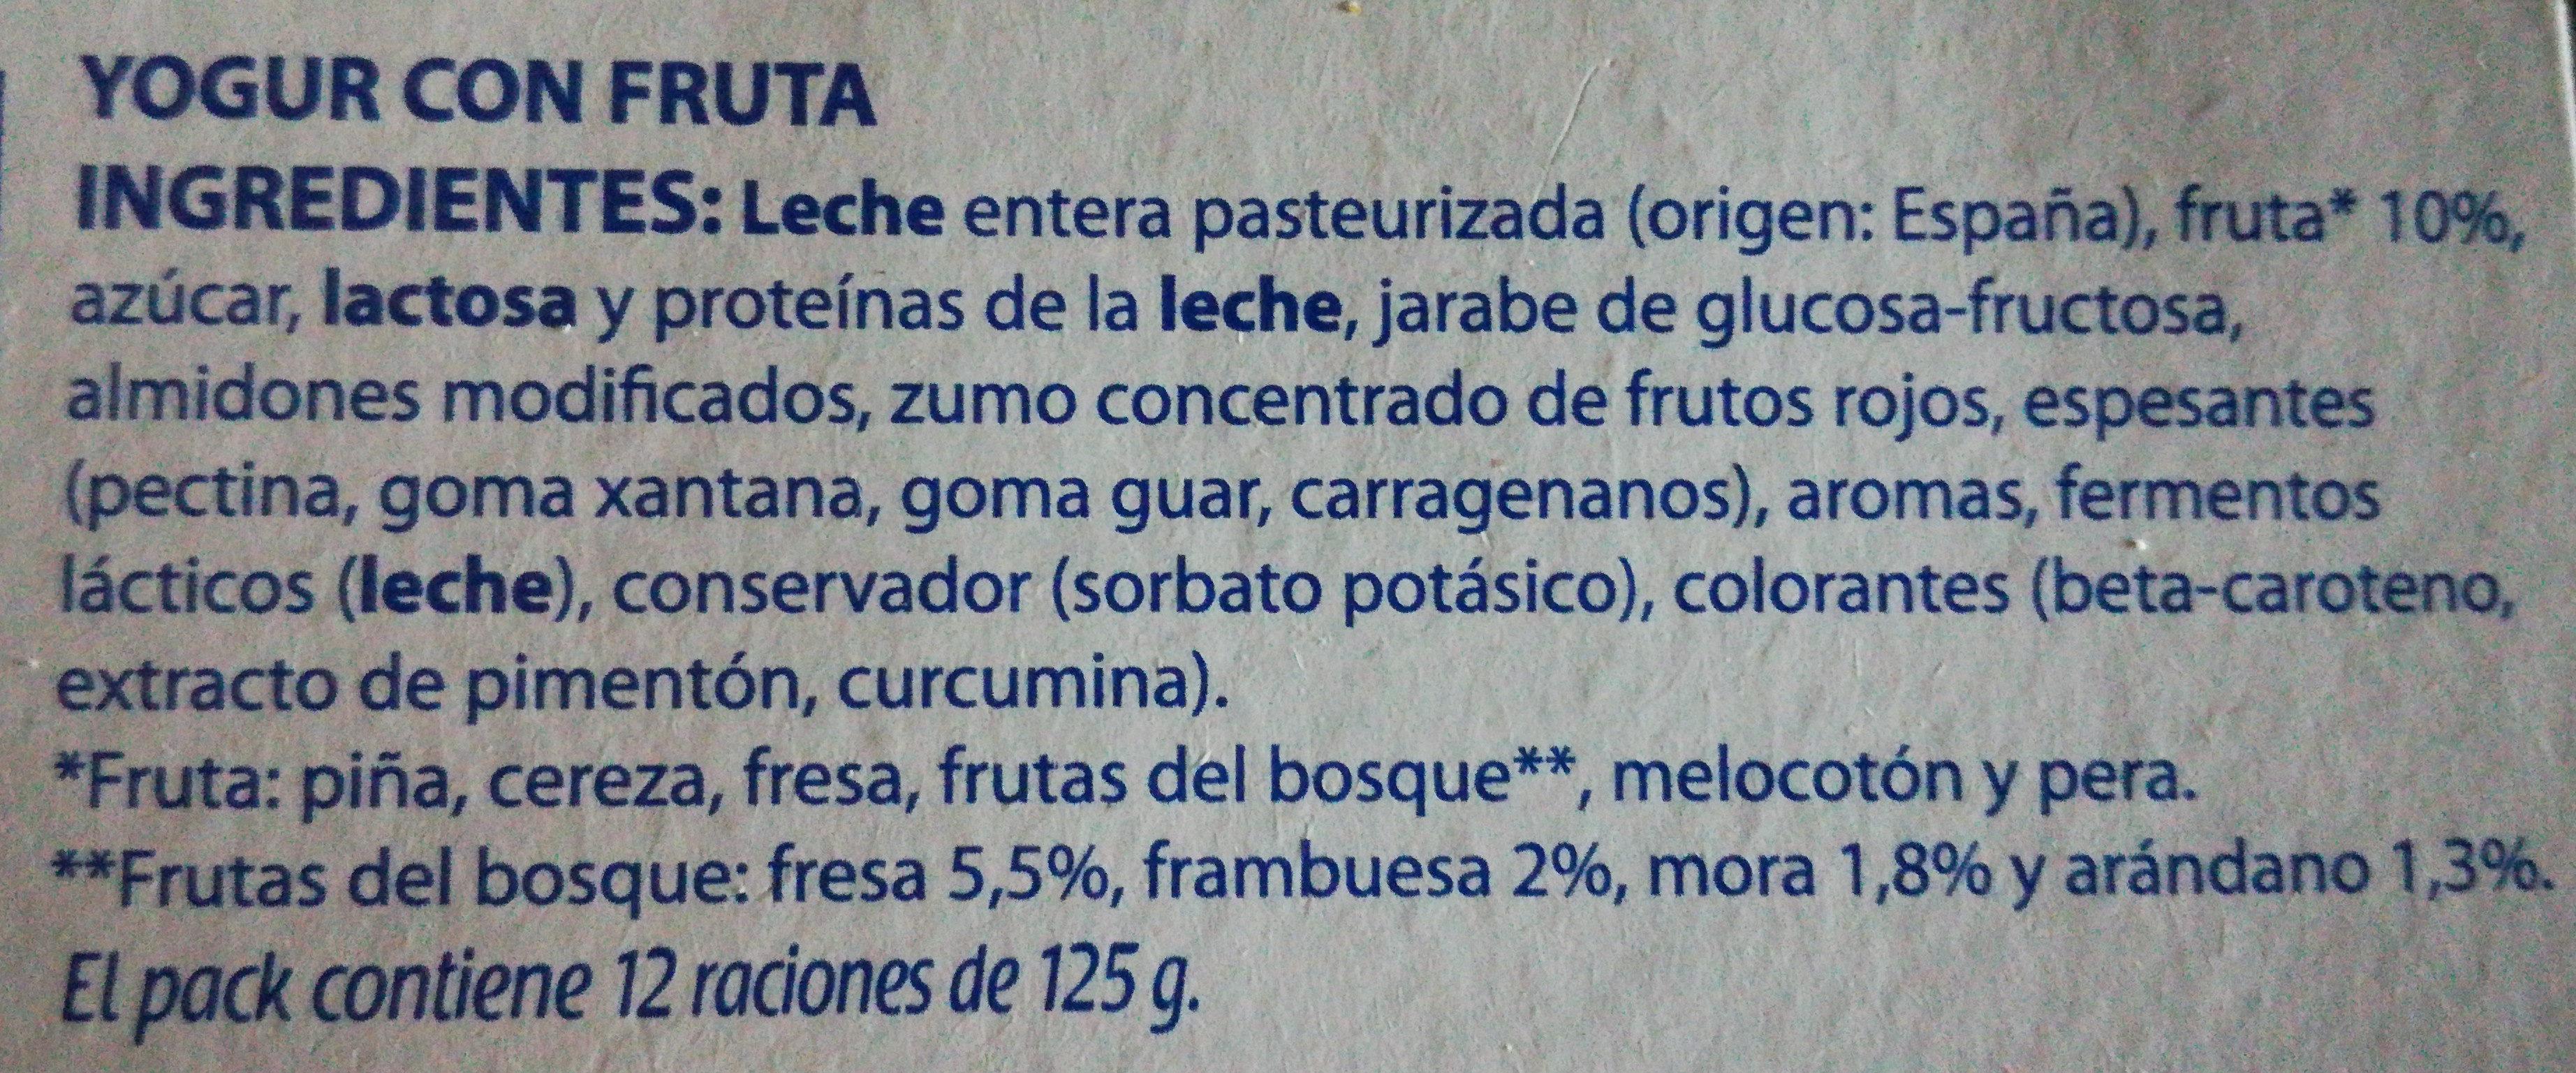 Yogur con frutas - Ingredients